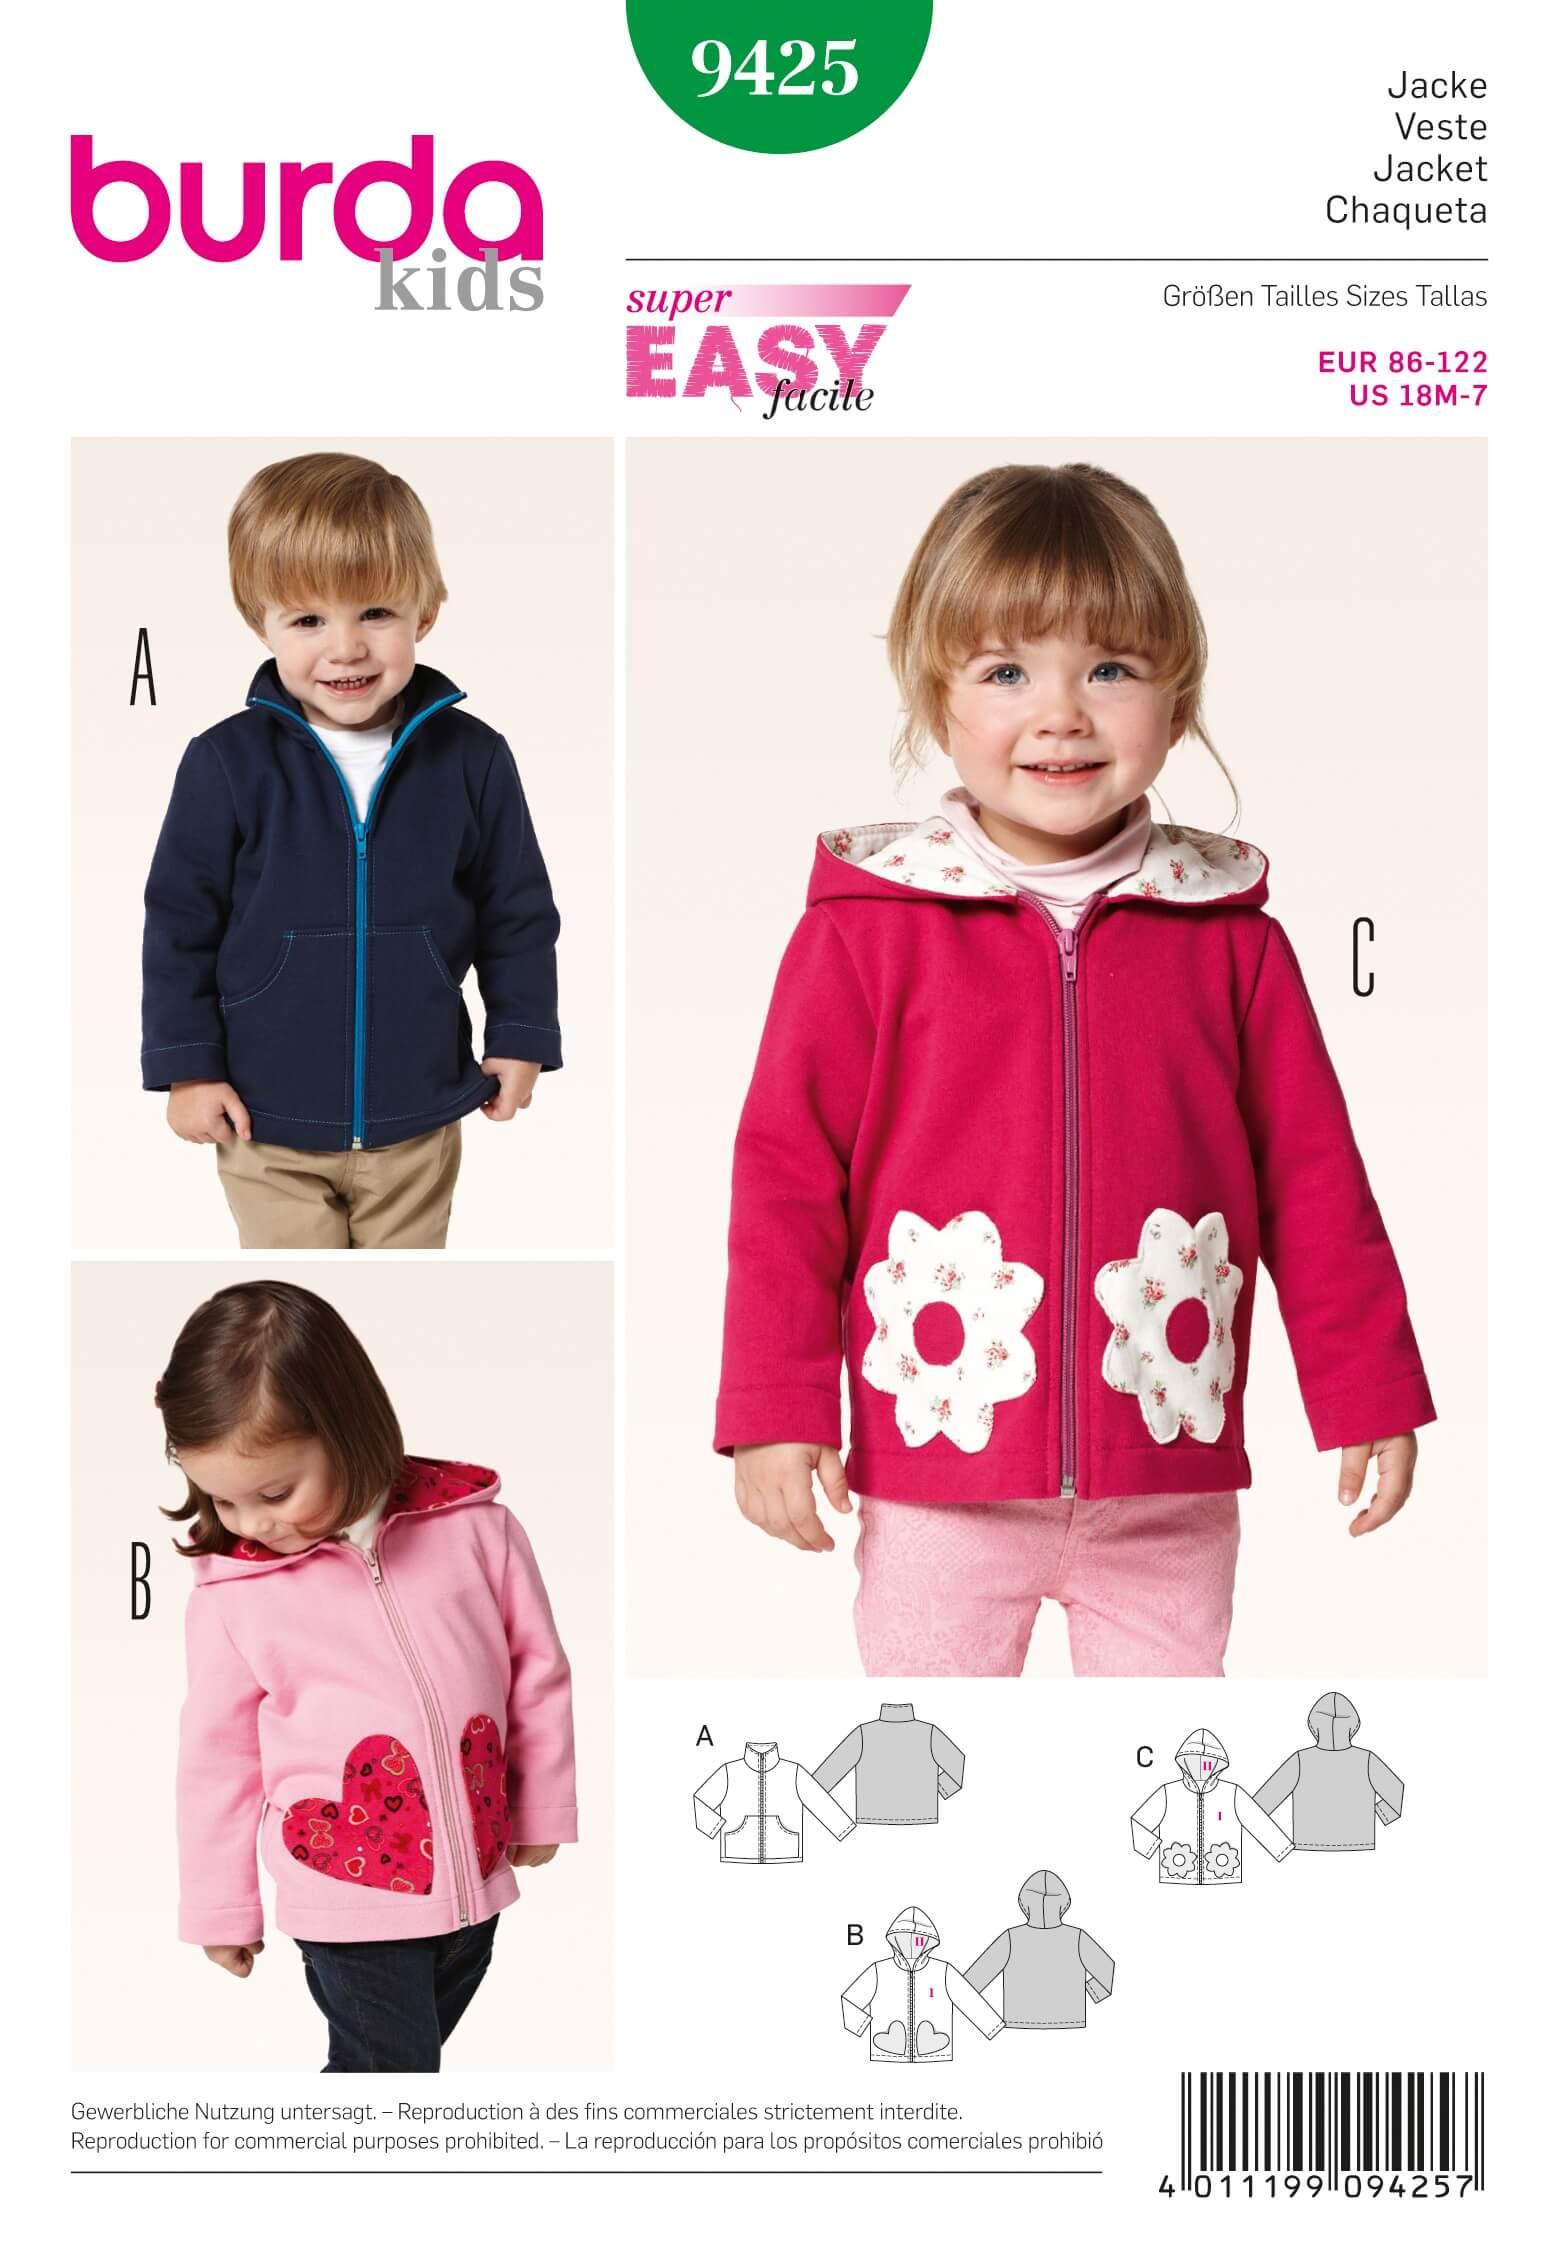 Burda kids jacket trio fabric sewing pattern 9425 jeuxipadfo Choice Image